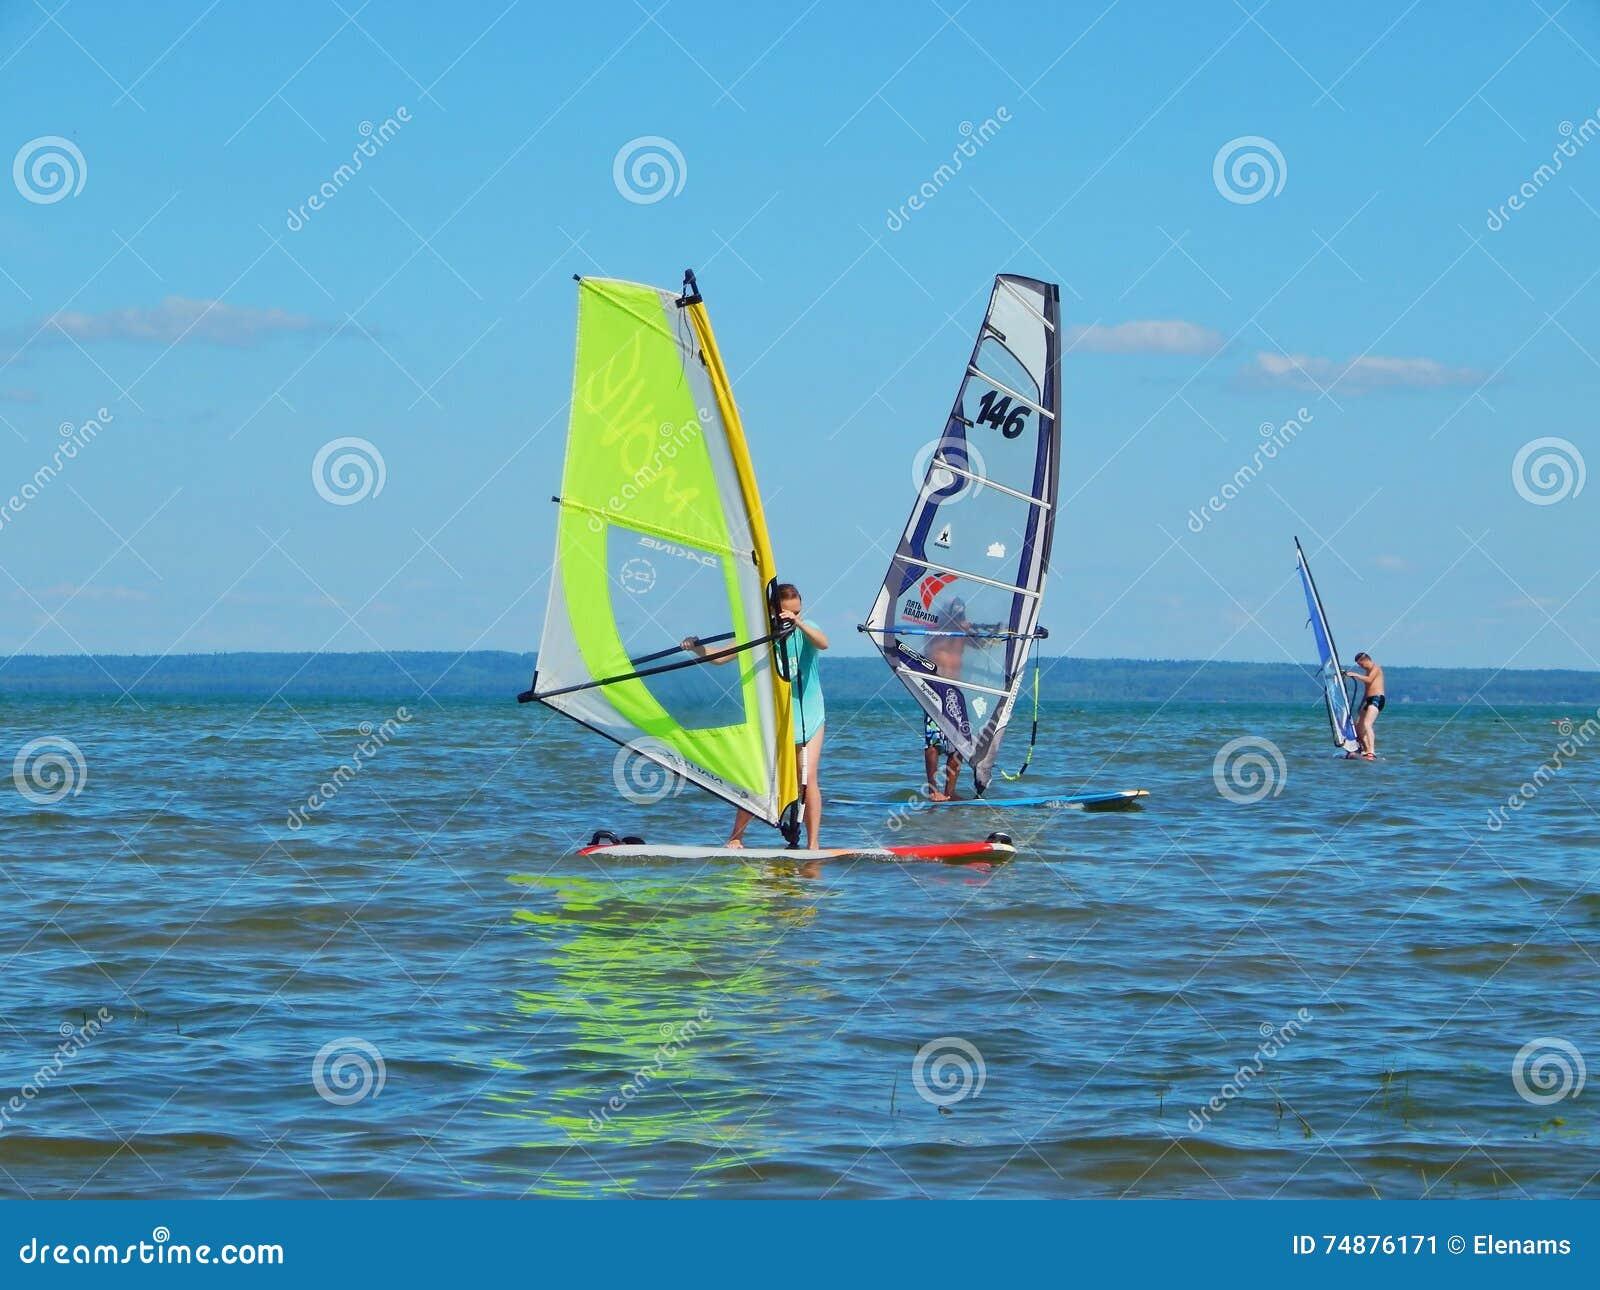 Windsurfe no lago Plescheevo perto da cidade de Pereslavl-Zalessky em Rússia